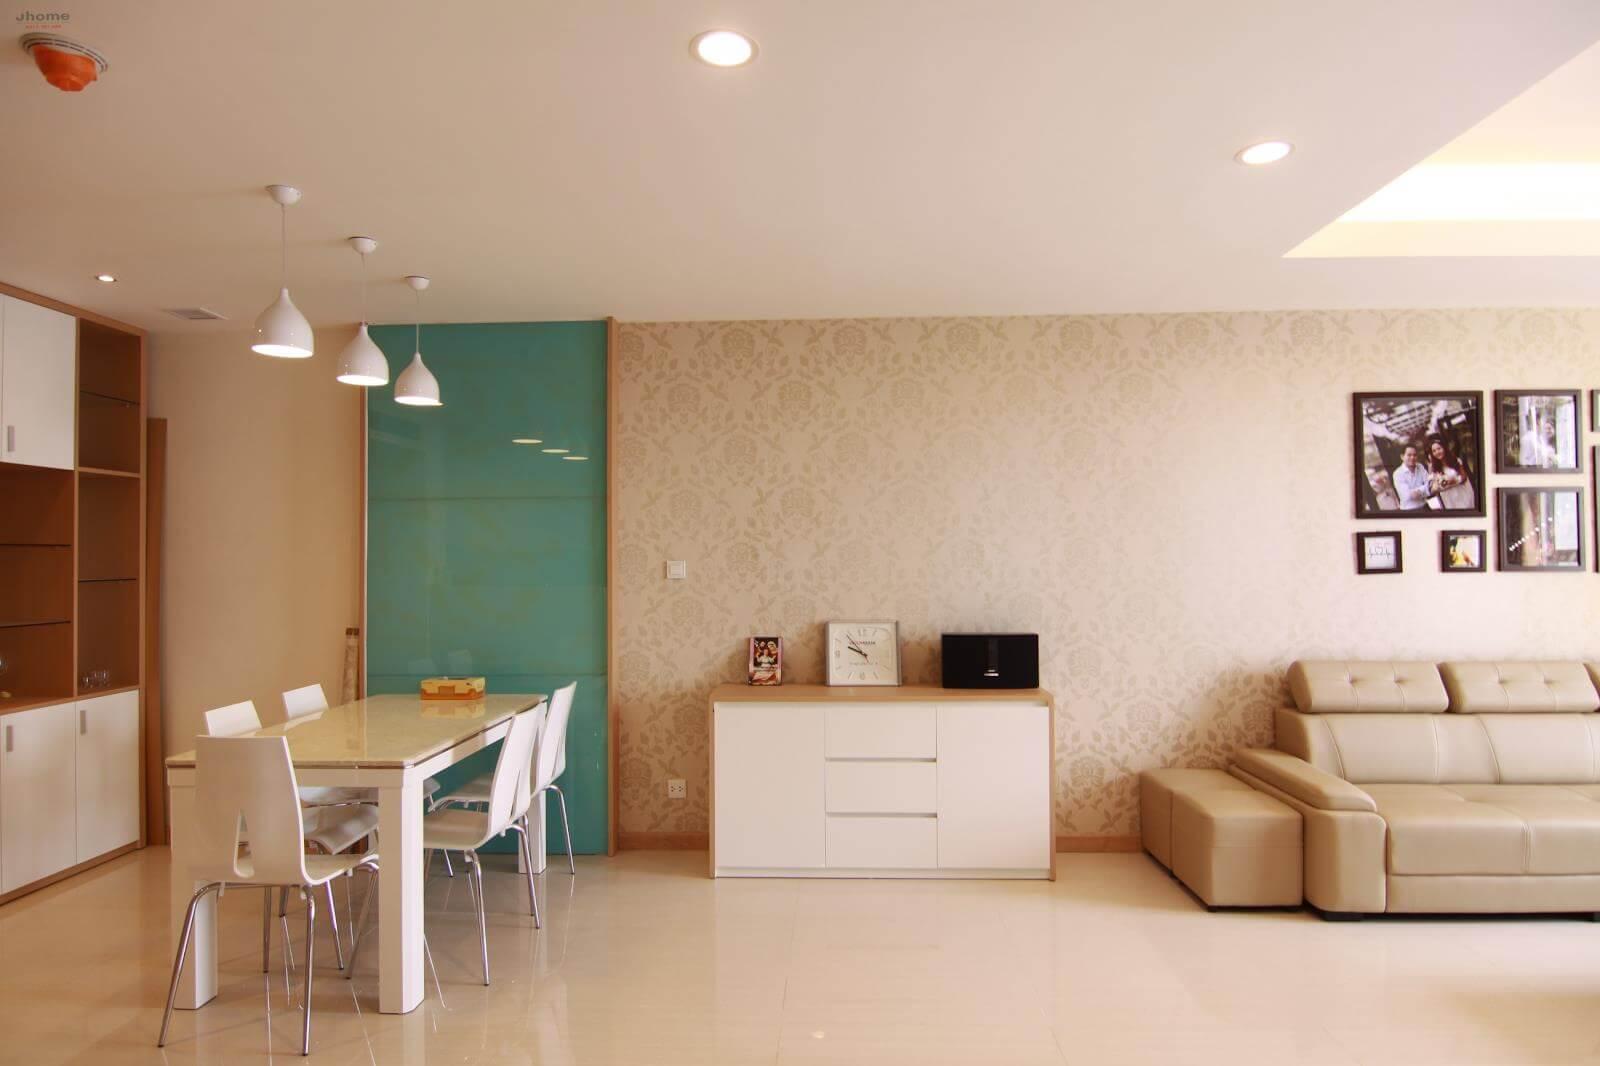 Phong cách Nhật Bản trong thiết kế nội thất là gì